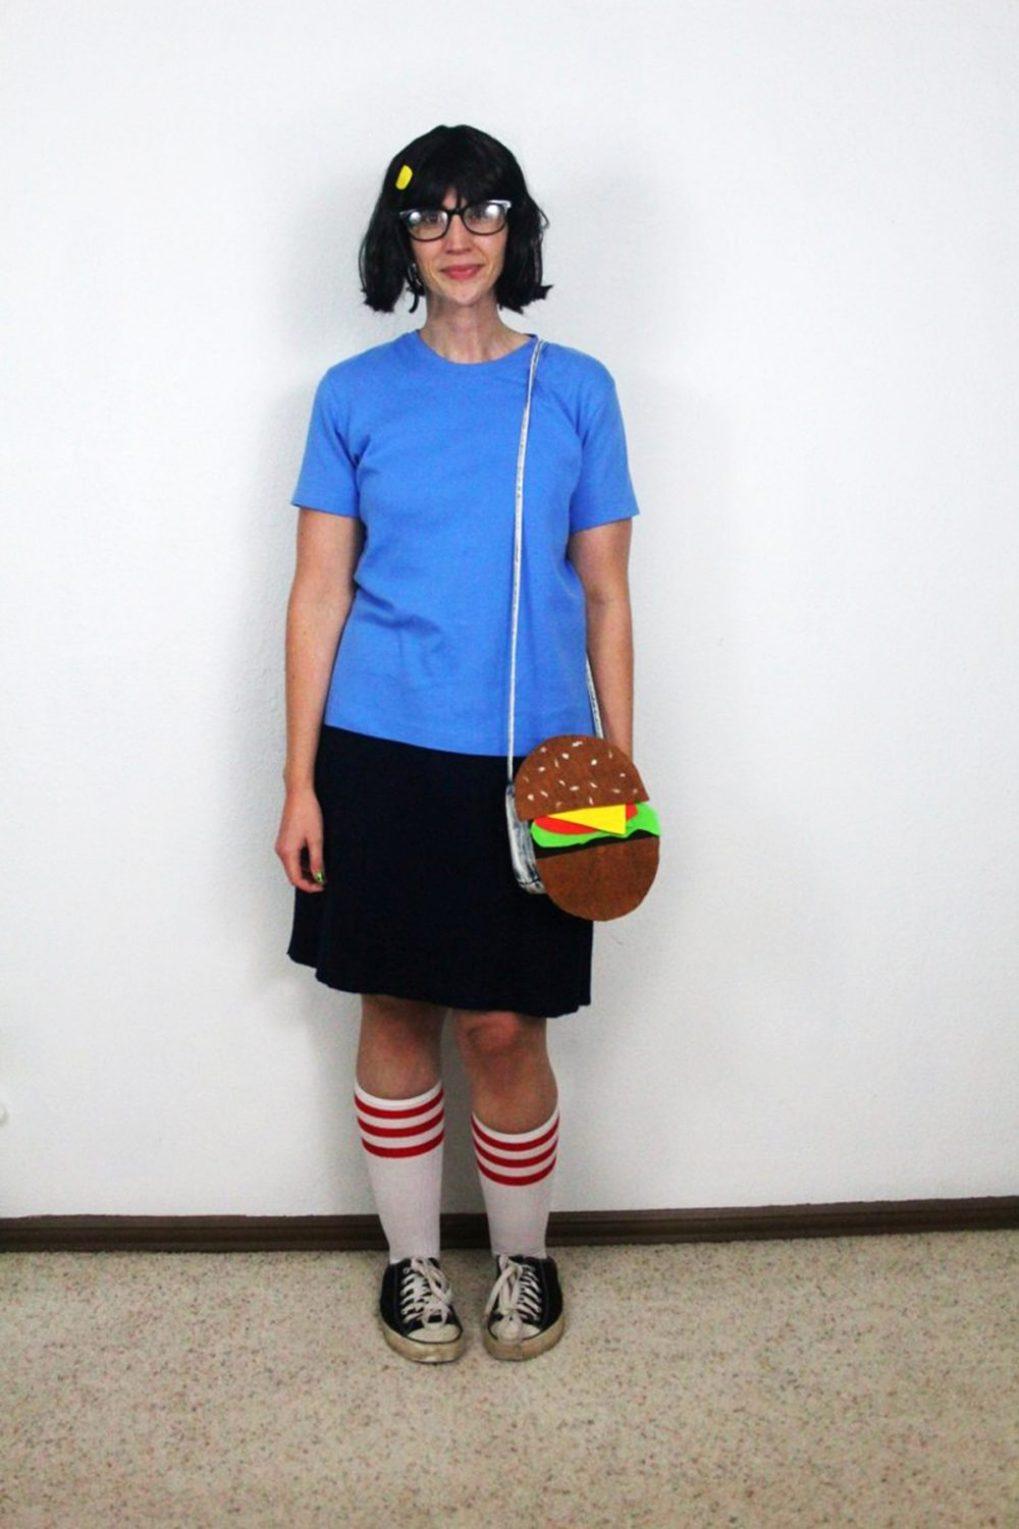 tina-belcher-costume-halloween-bobs-burgers-07